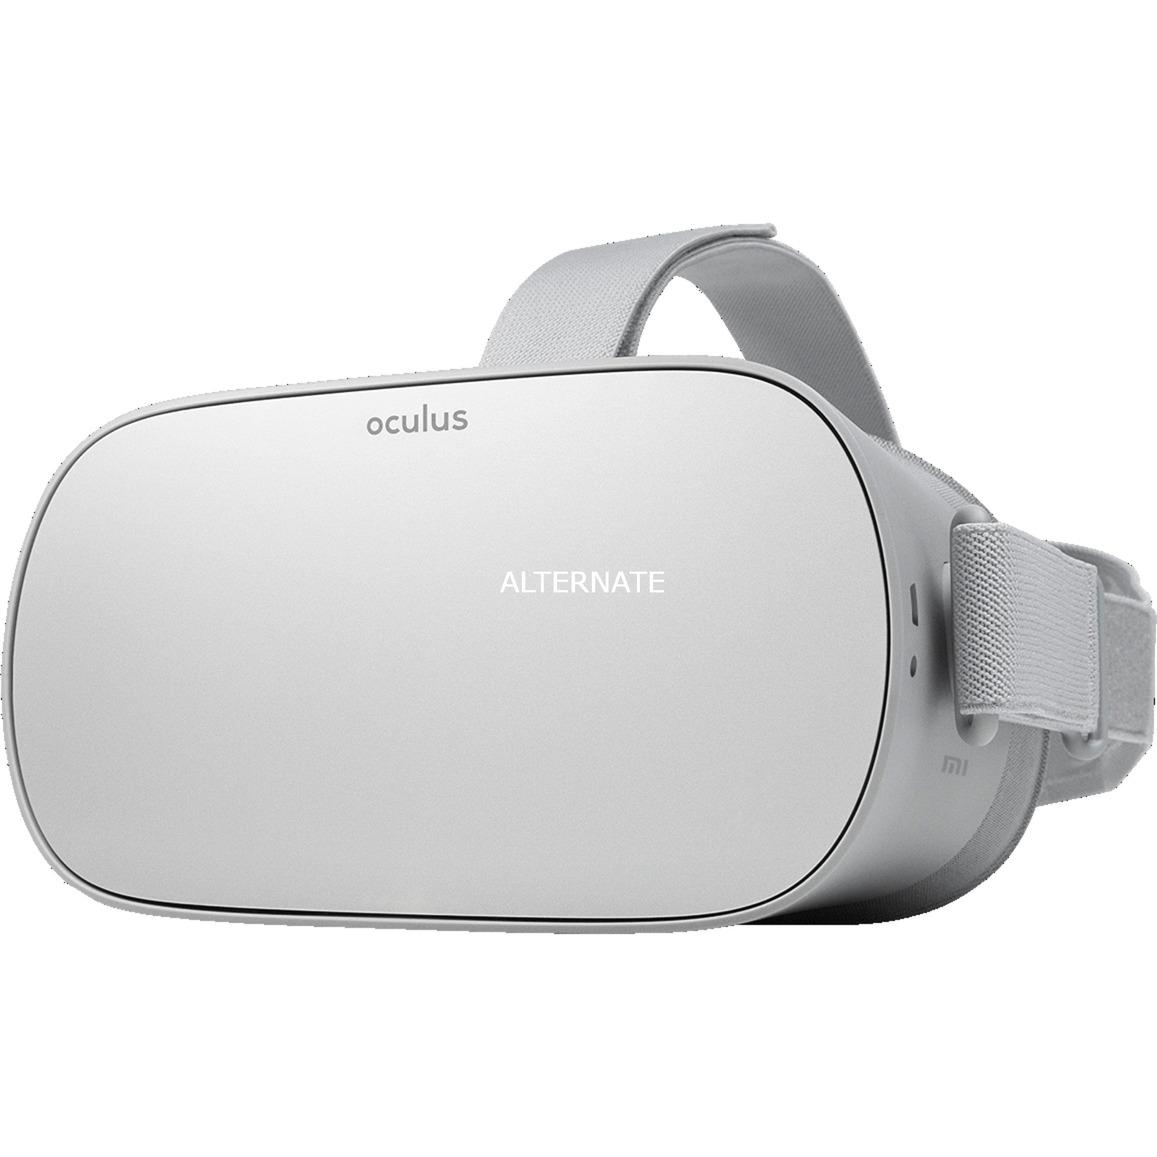 Go Pantalla con montura para sujetar en la cabeza Blanco, Gafas de Realidad Virtual (VR)